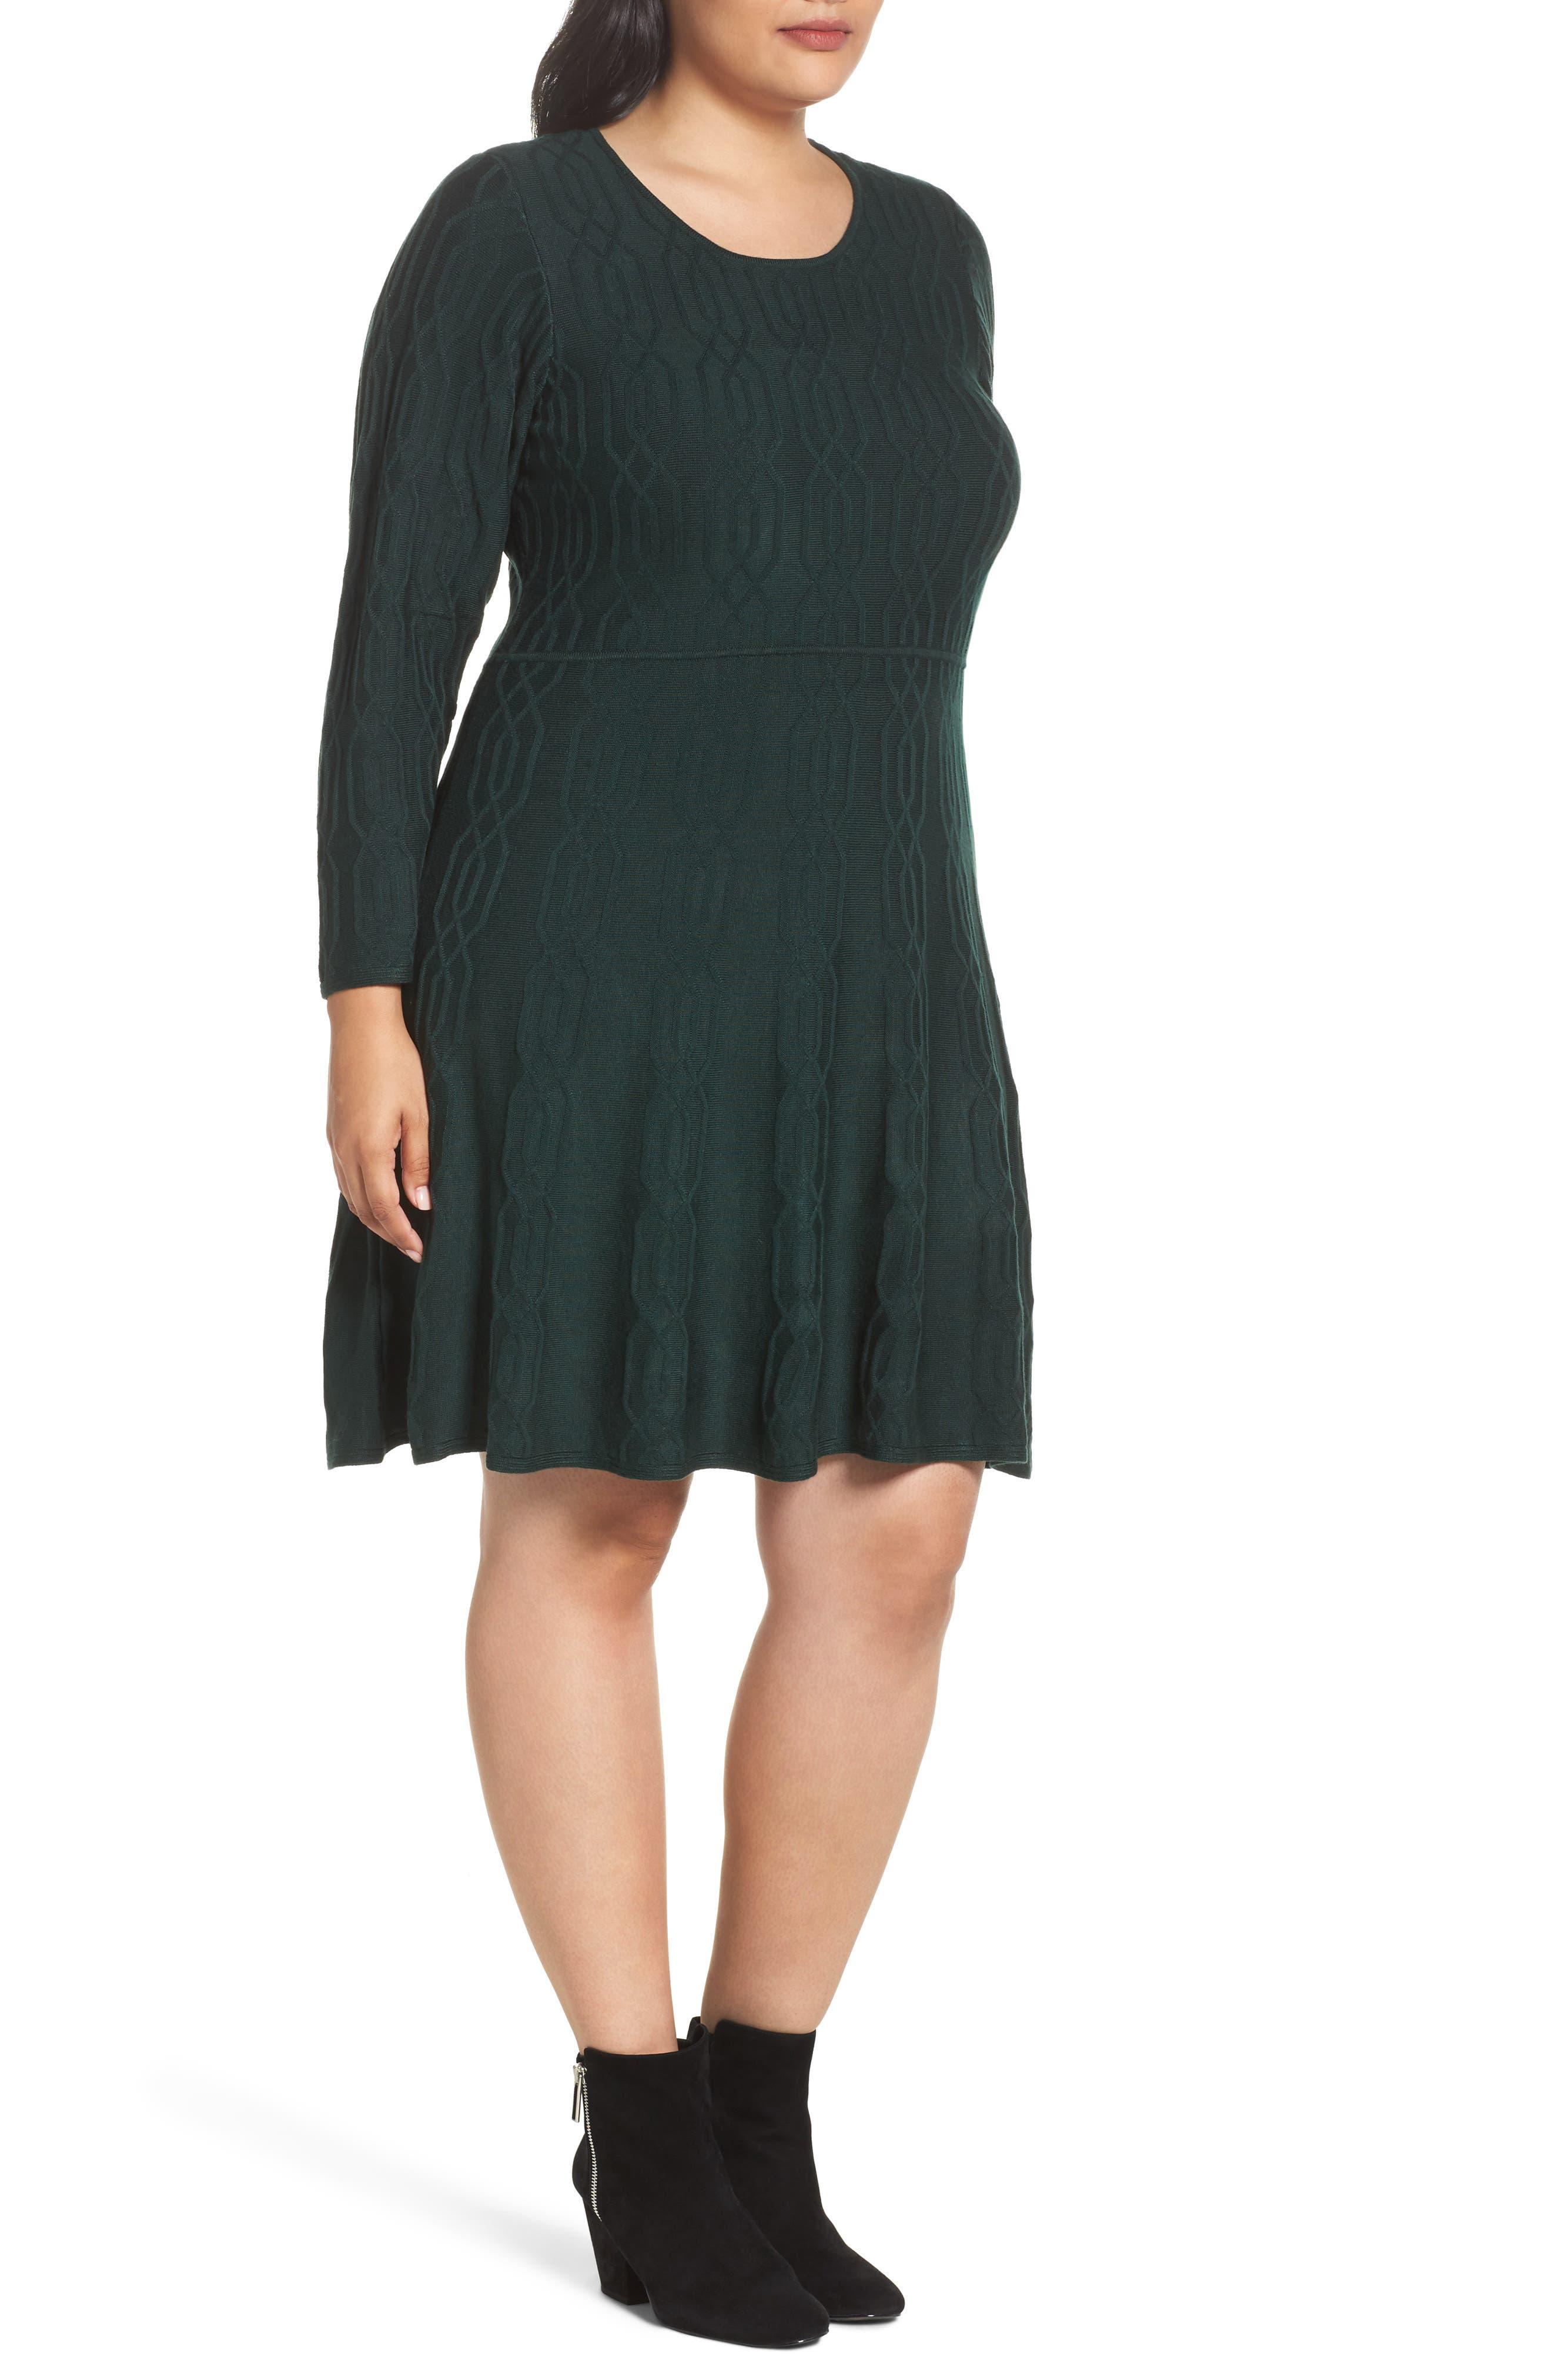 Jacquard Knit Fit & Flare Dress,                             Alternate thumbnail 3, color,                             Green